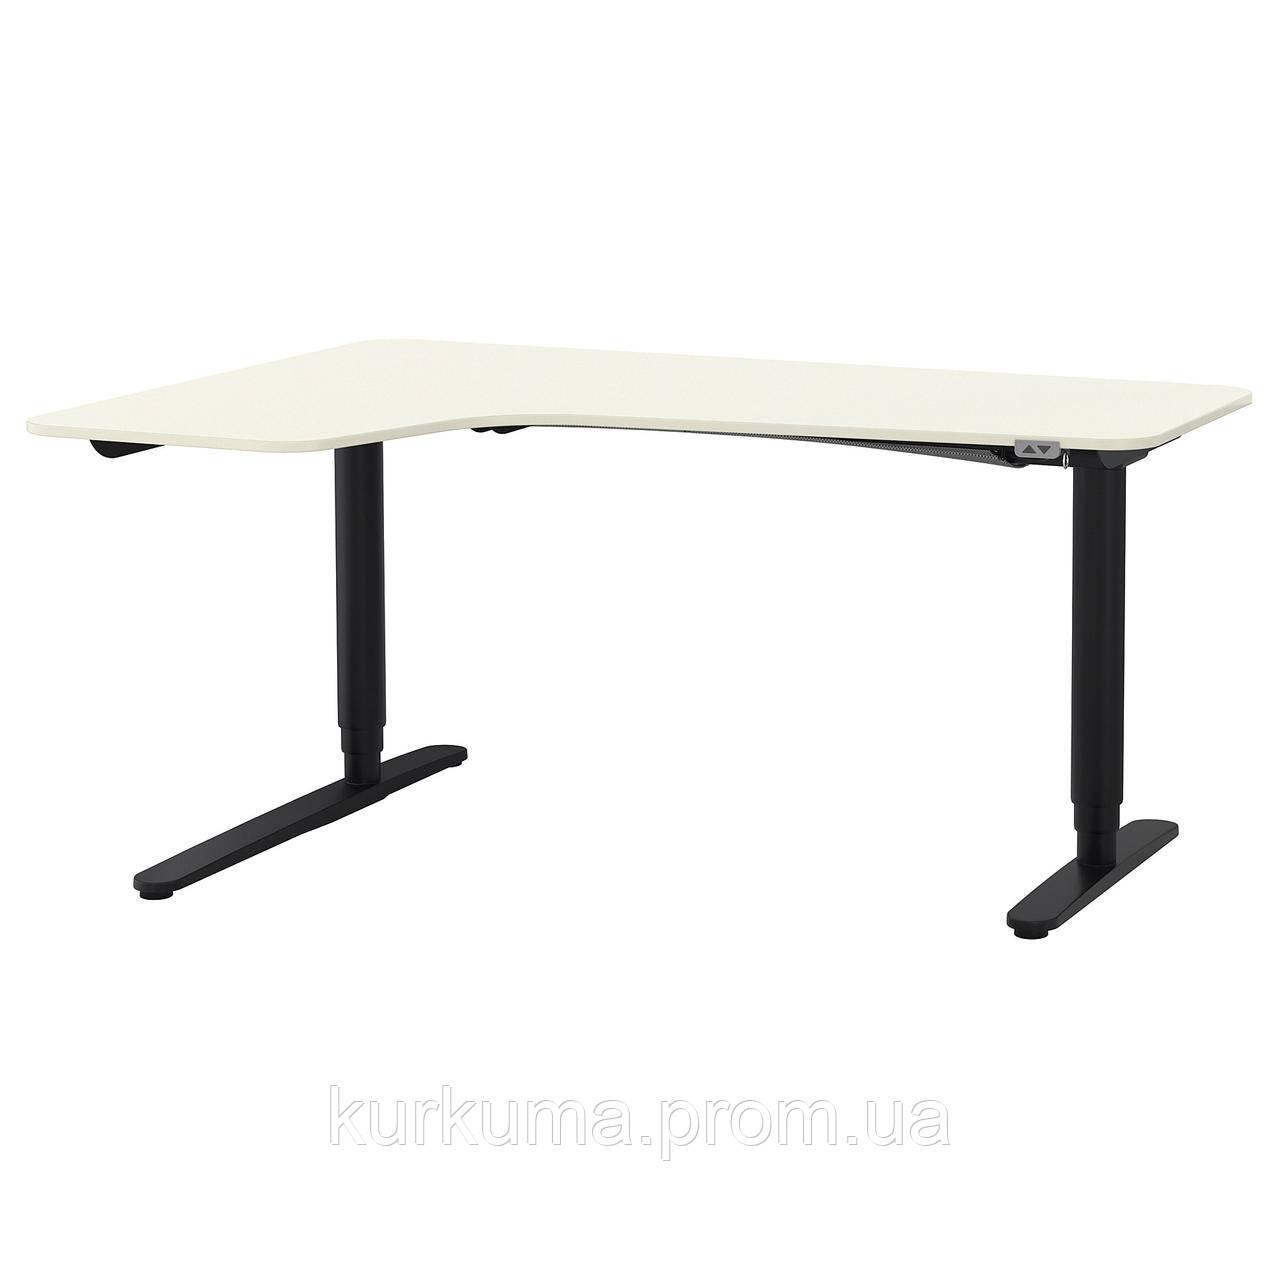 IKEA BEKANT Угловой стол, белый, черный  (190.222.81)